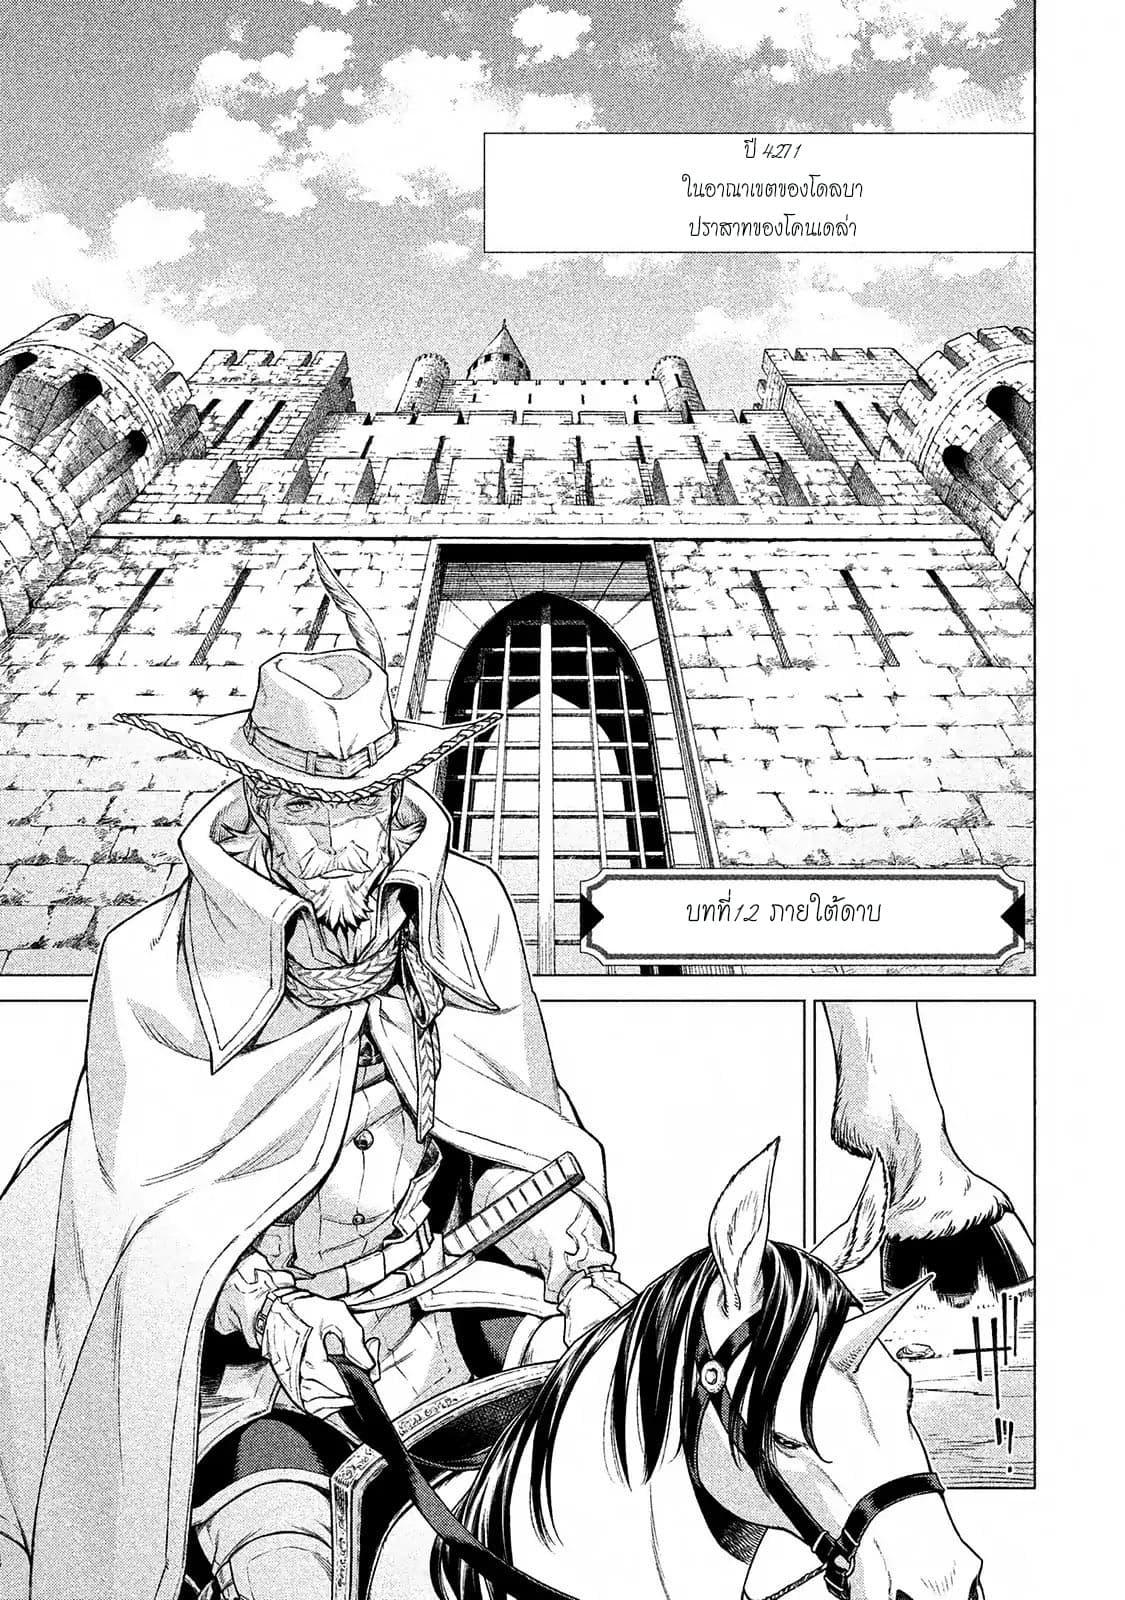 อ่านการ์ตูน Henkyou no Roukishi - Bard Loen ตอนที่ 12 หน้าที่ 1